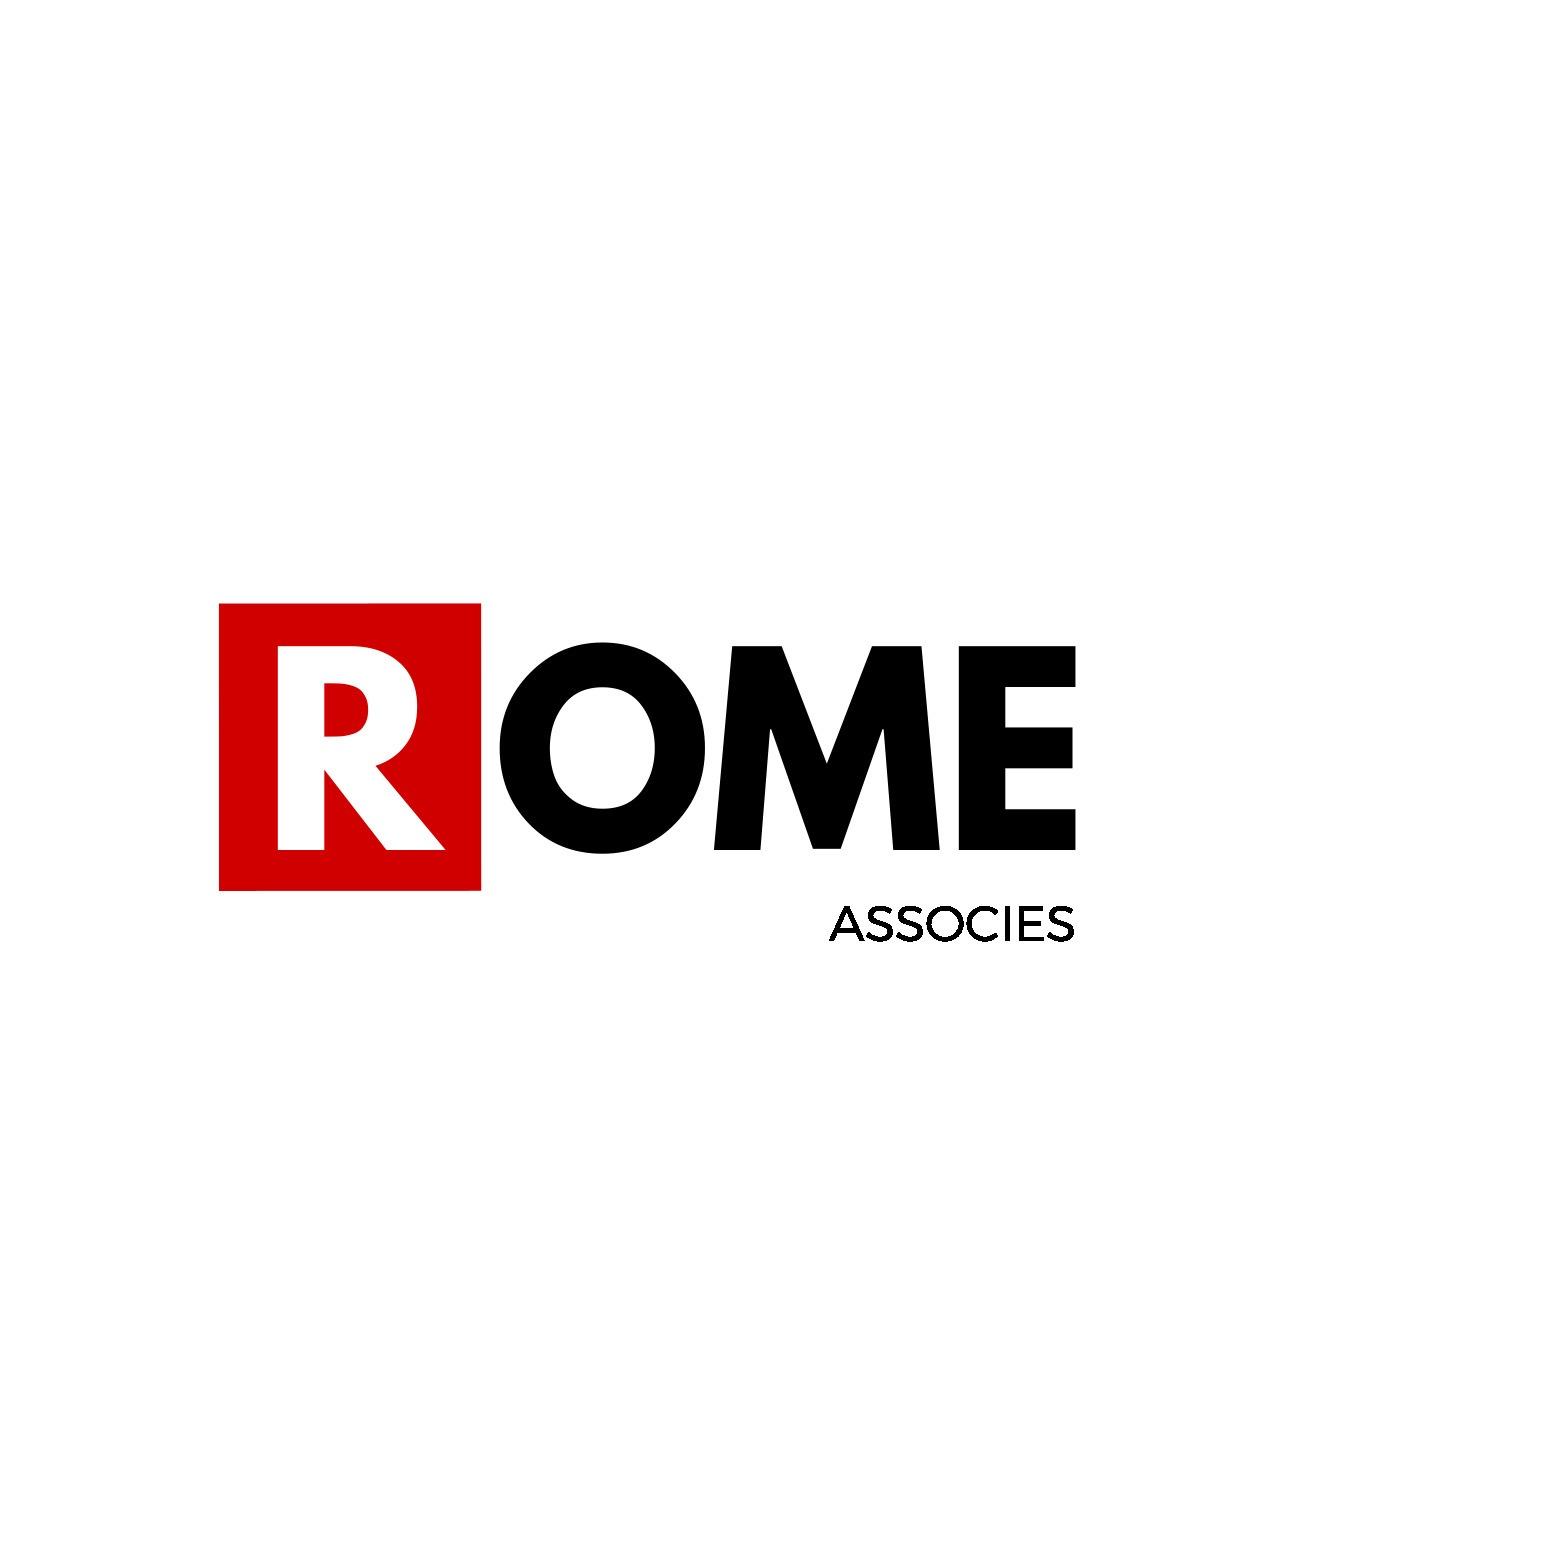 the Rome Associés logo.